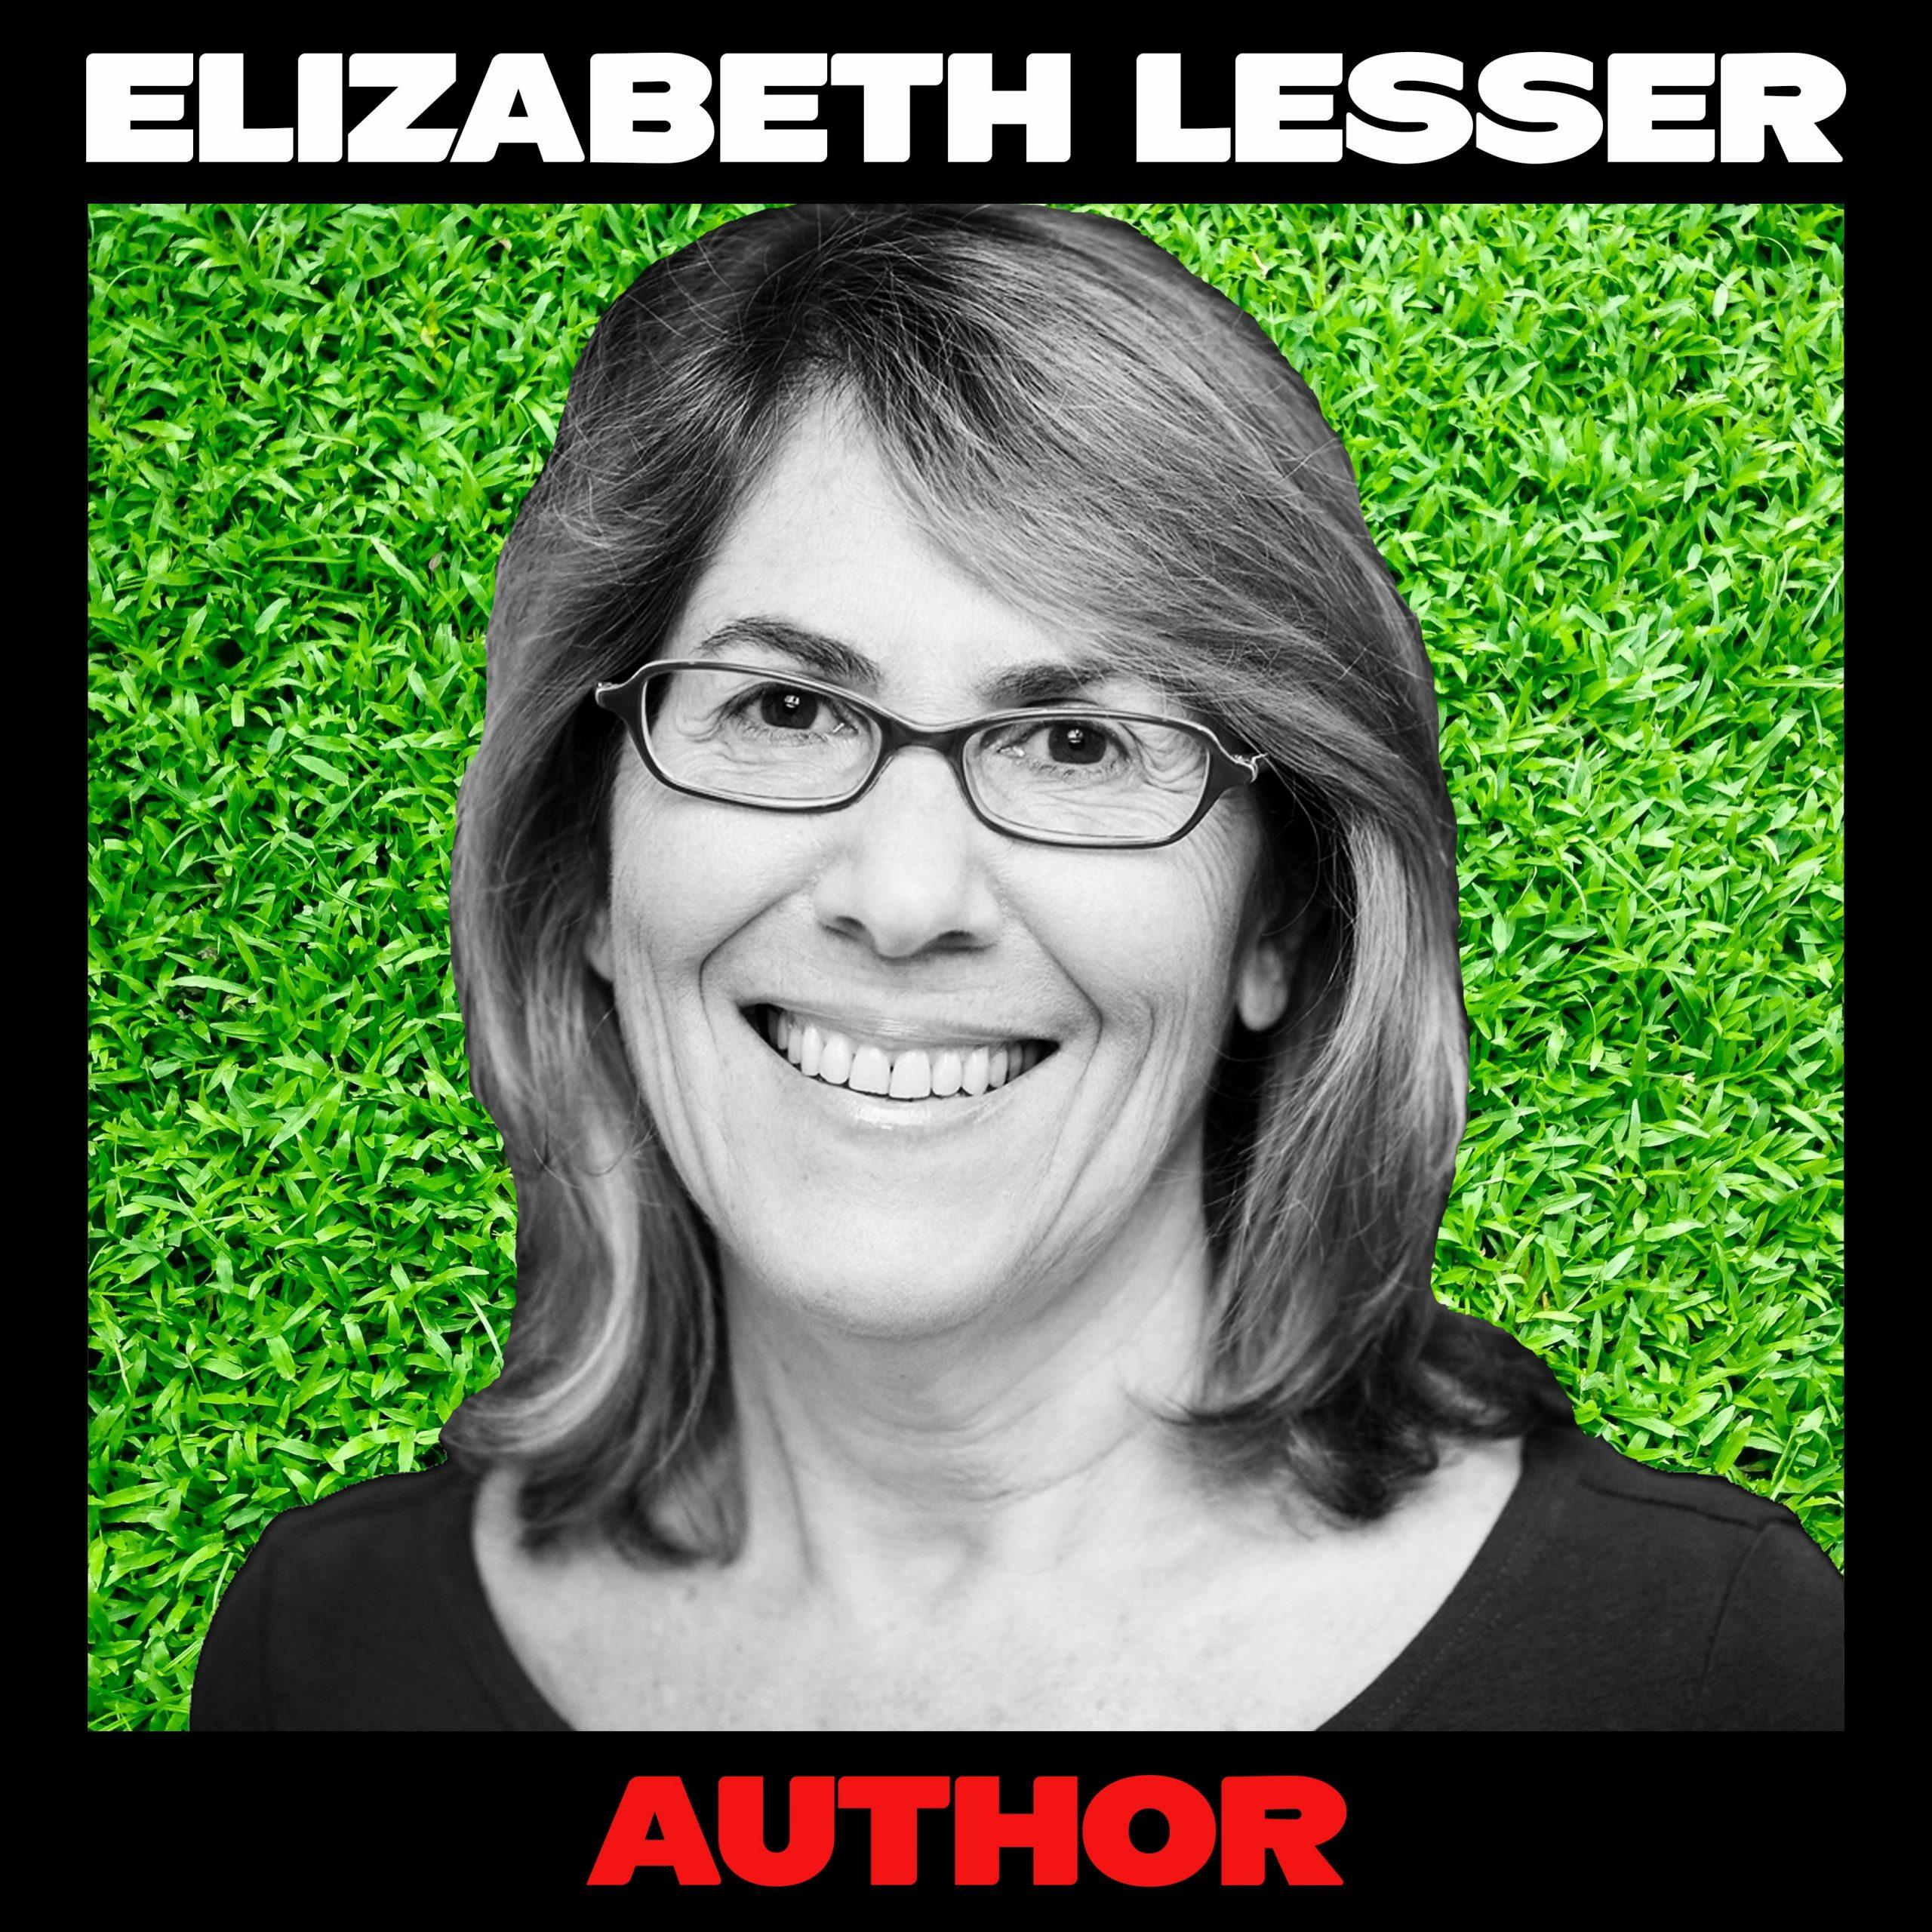 Elizabeth Lesser, Author